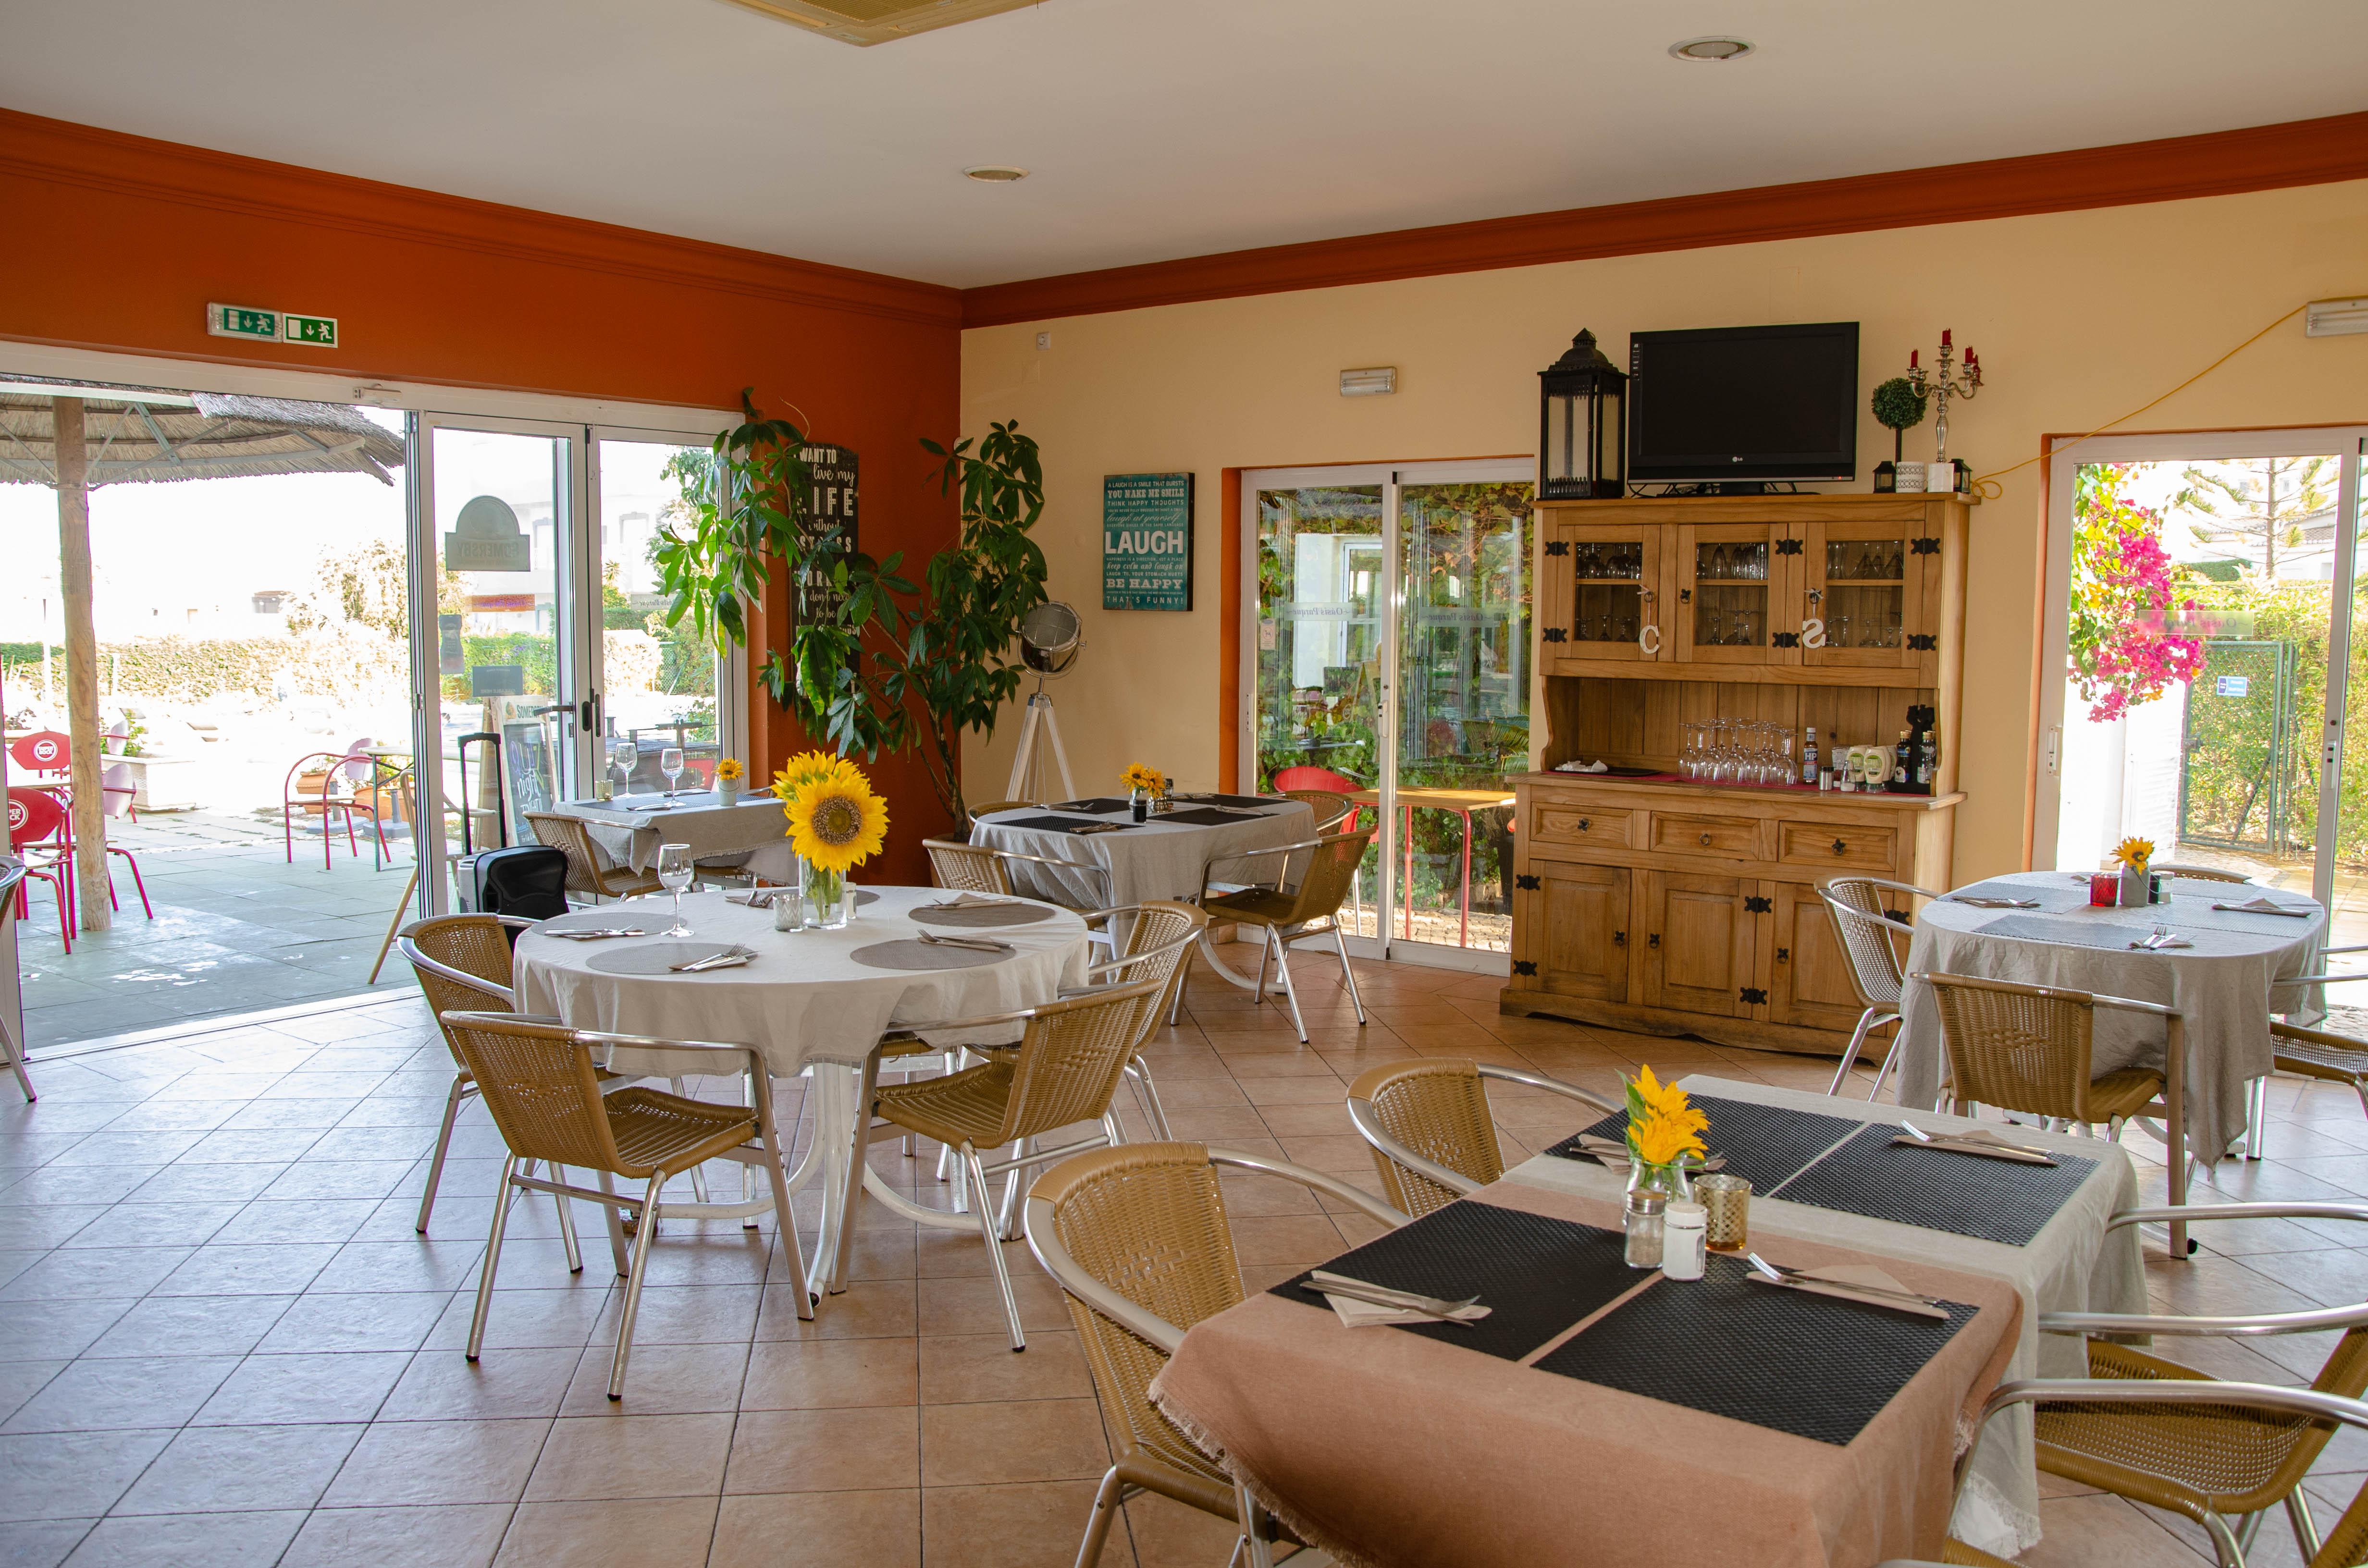 Oasis Parque Restaurant area